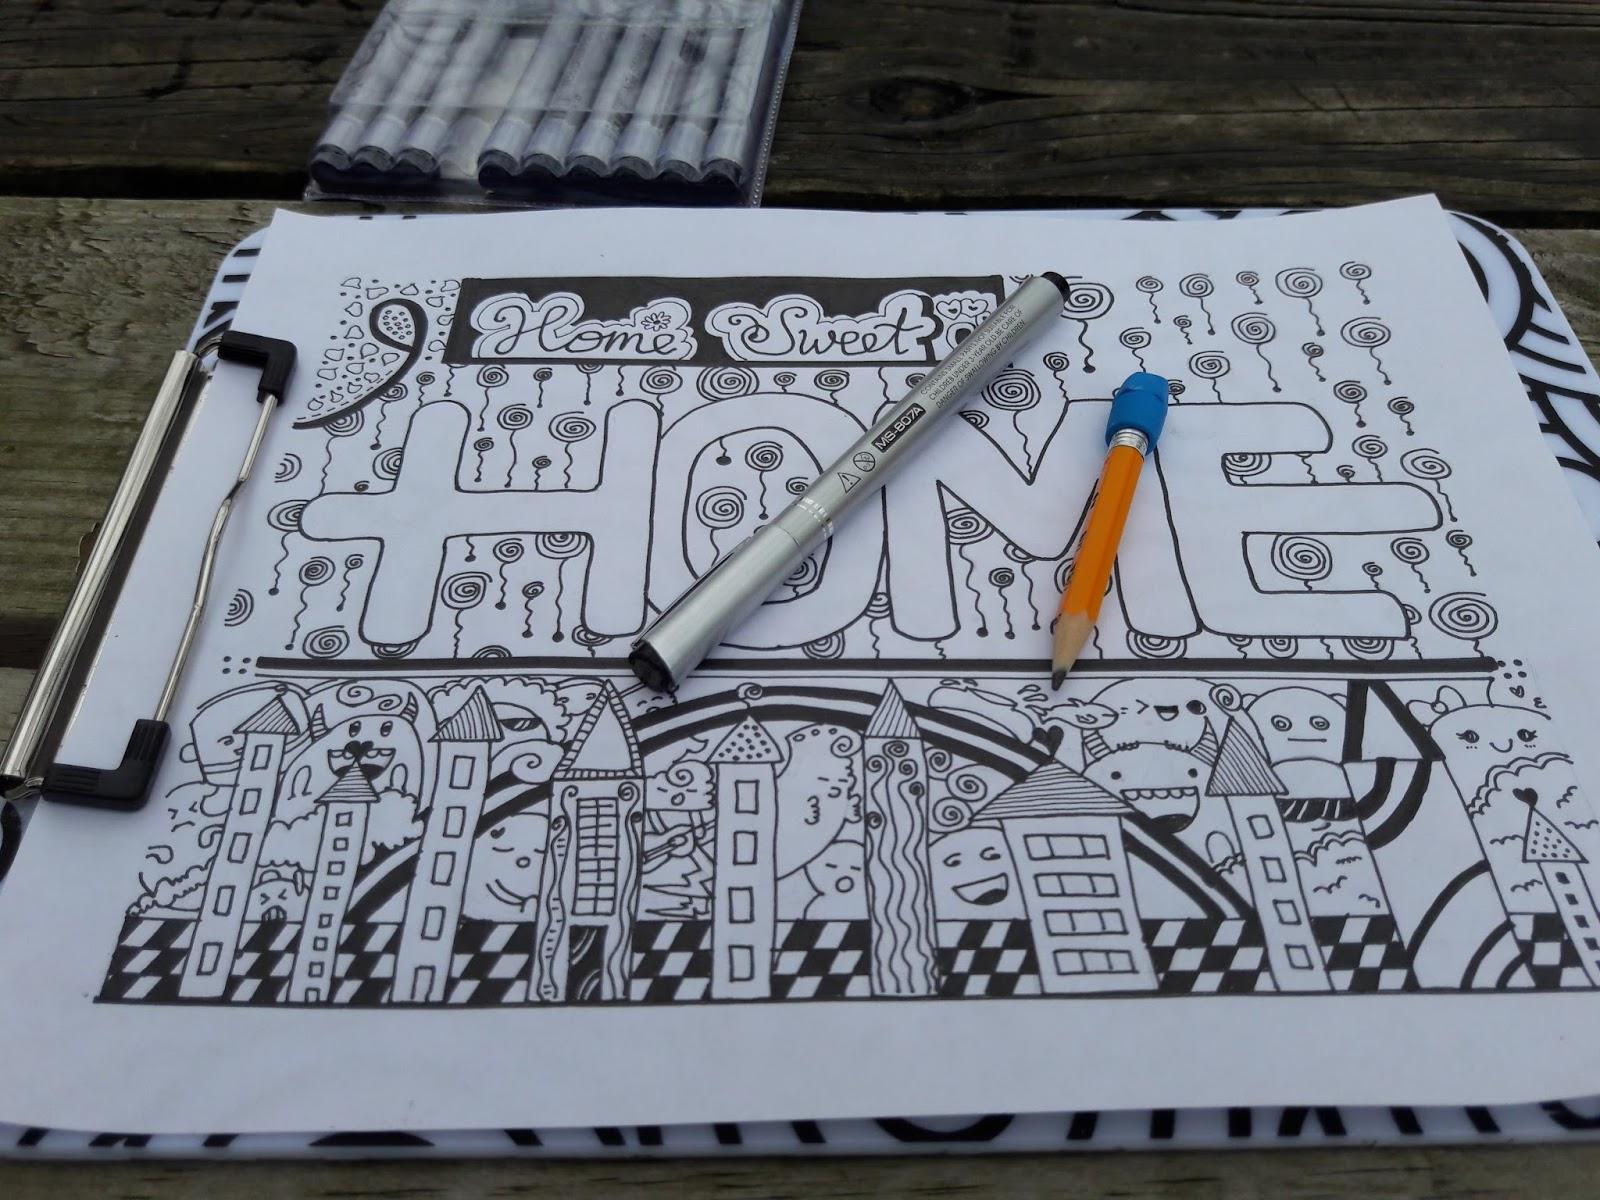 7300 Koleksi Gambar Doodle Keren Tentang Kelas HD Terbaik